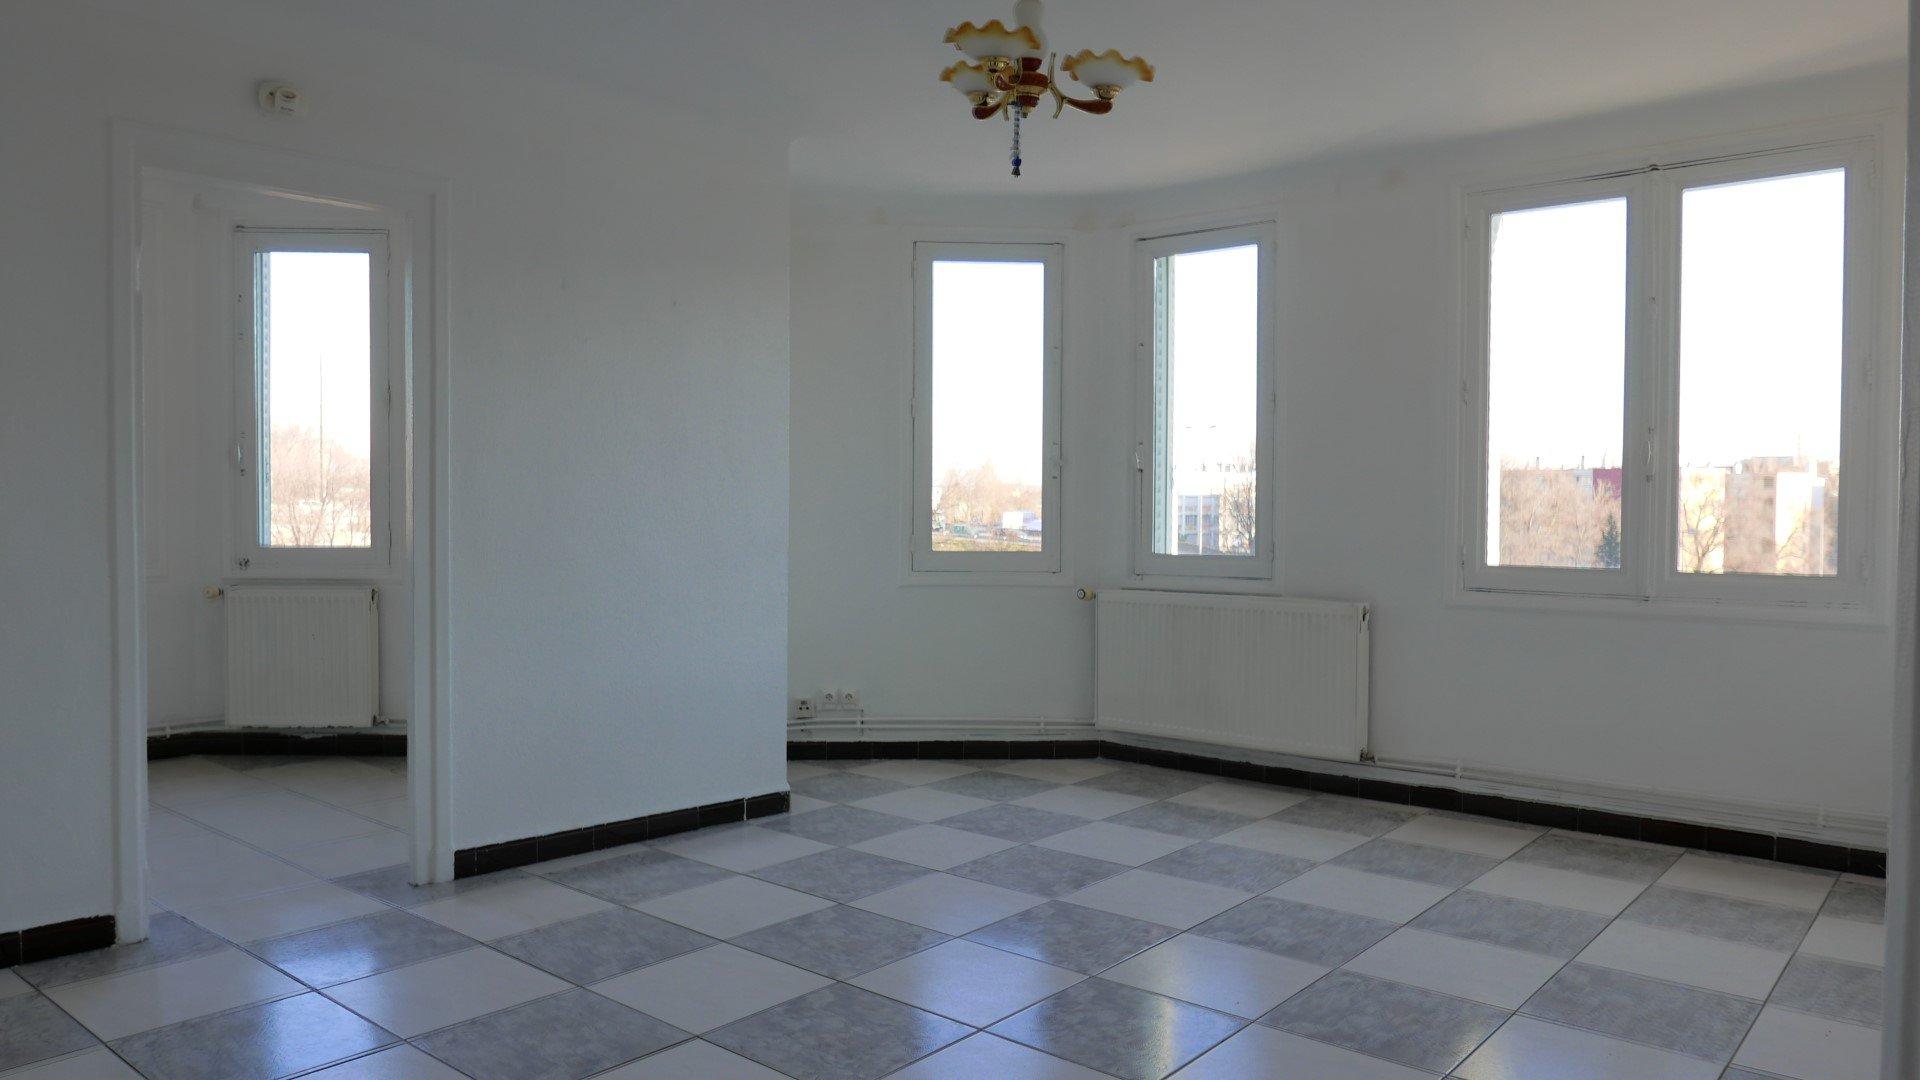 Achat Appartement Surface de 56.2 m², 3 pièces, Villeurbanne (69100)